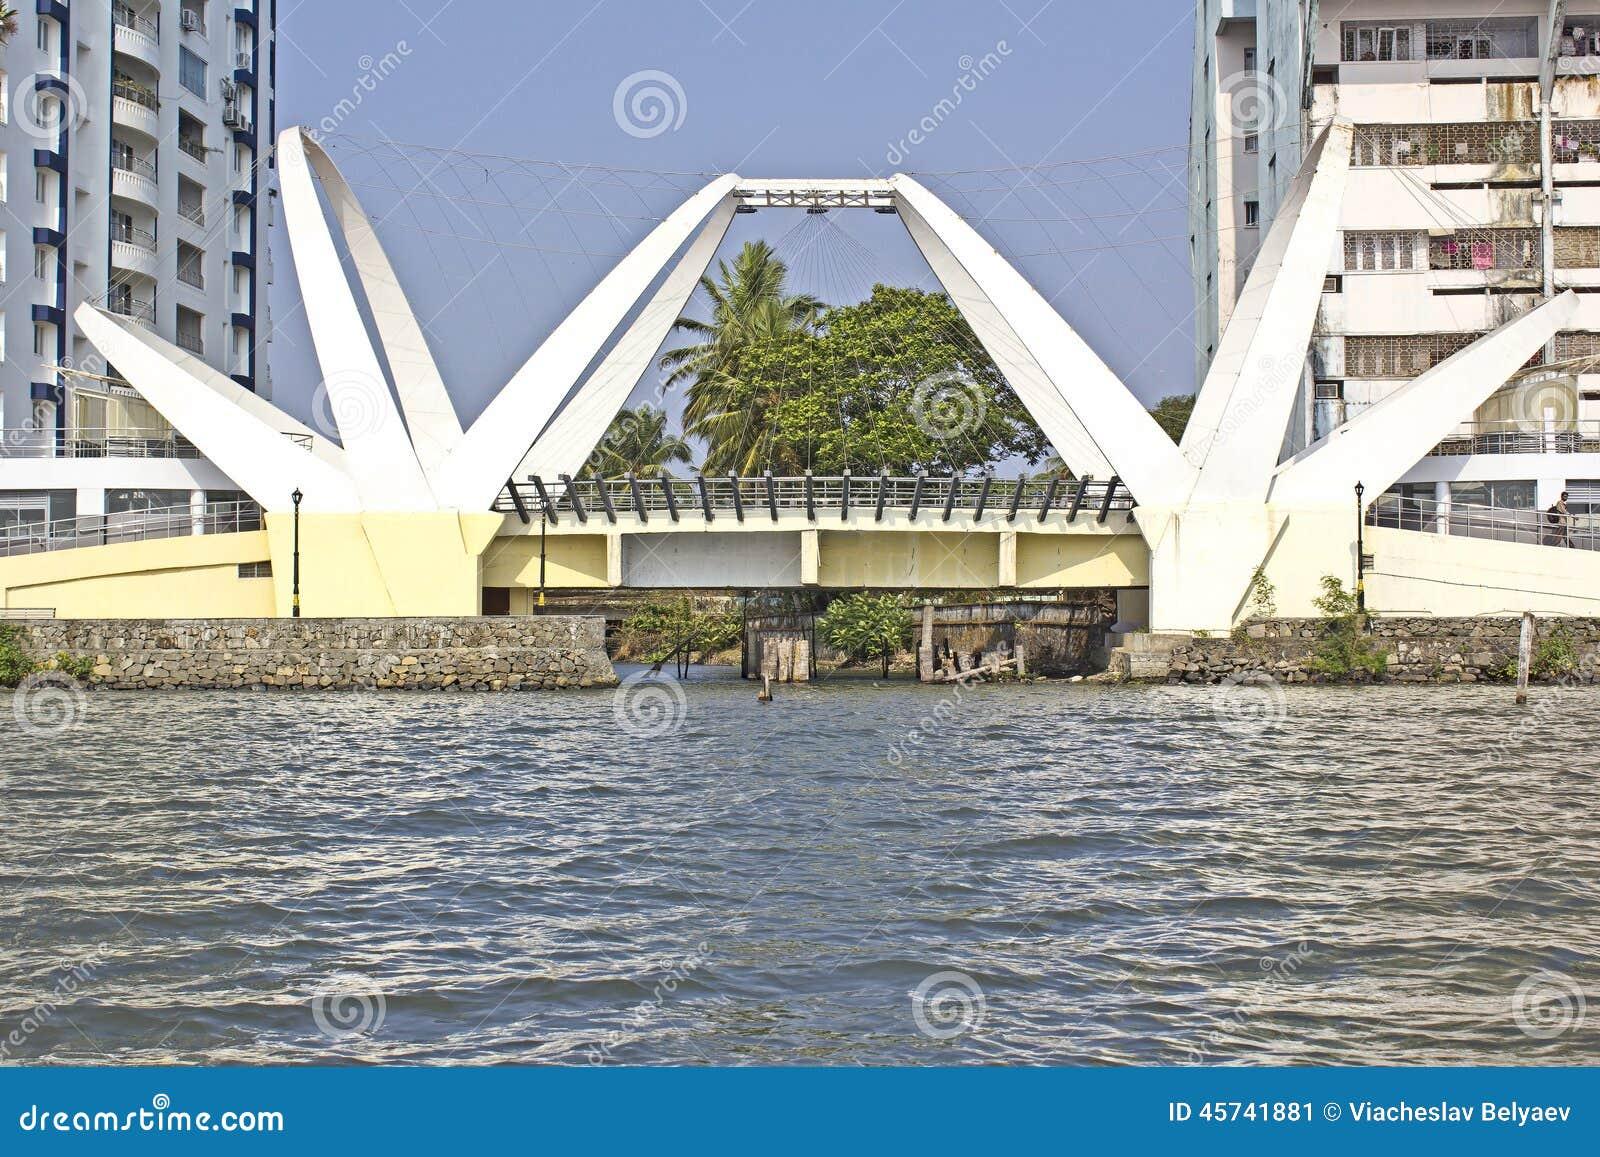 Ernakulam India  City new picture : ... 2014, ERNAKULAM, KERALA, INDIA Bridge at the Ernakulam embankment